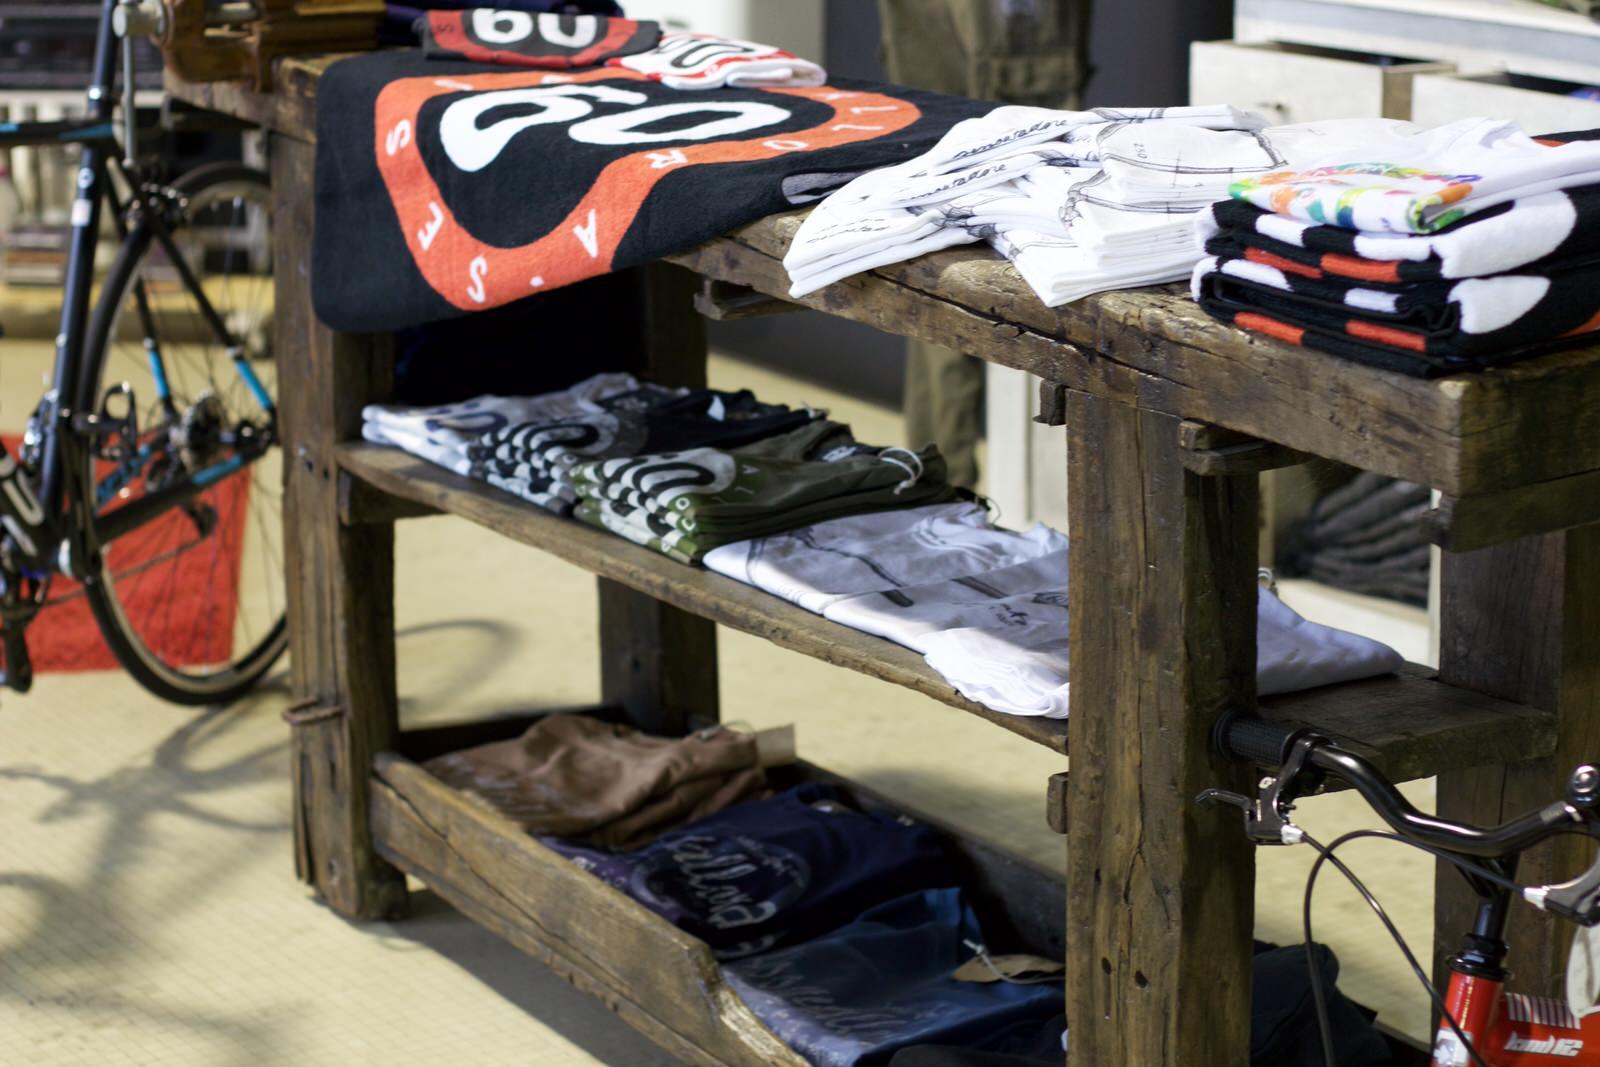 sessantallora_store_parma_abbigliamento_sport_sportwear_bike_bici_emilia_viaemiliaest